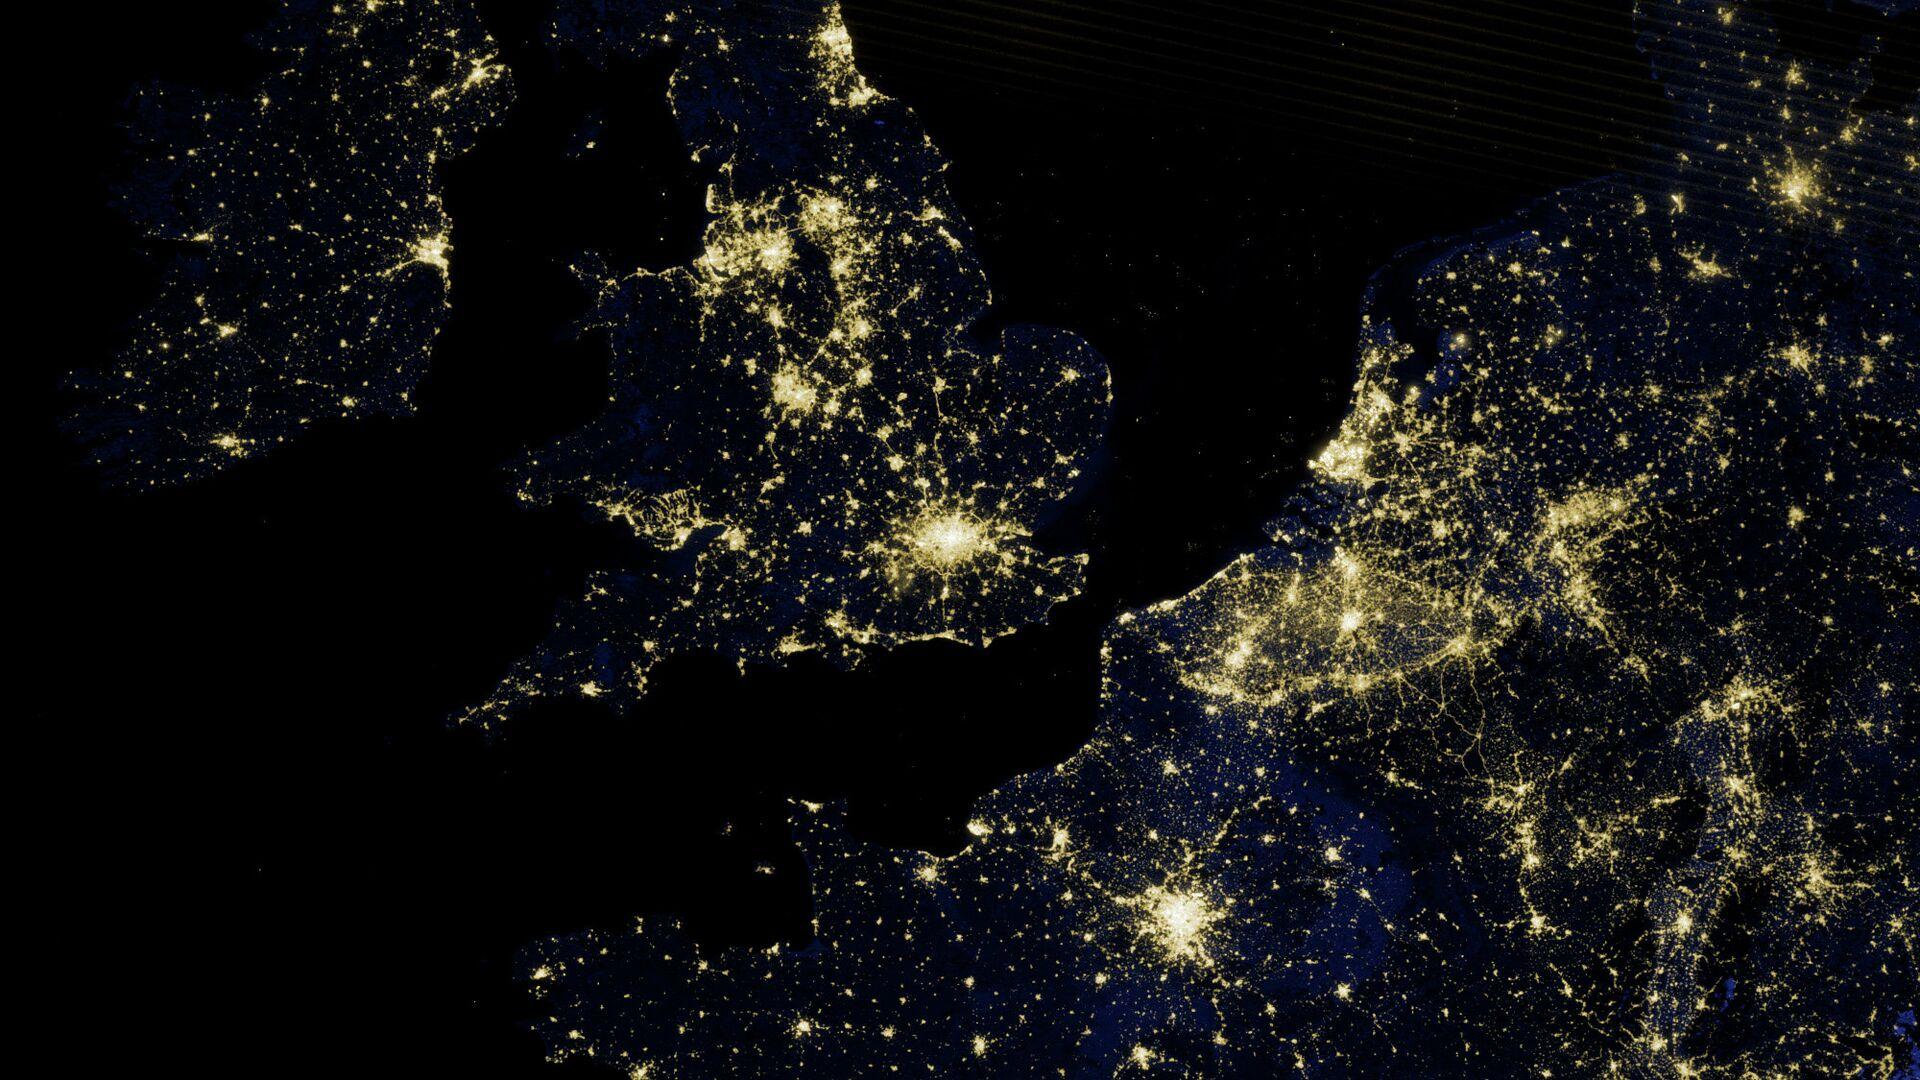 Ночные огни Лондона и южной части Великобритании из космоса - РИА Новости, 1920, 30.07.2021